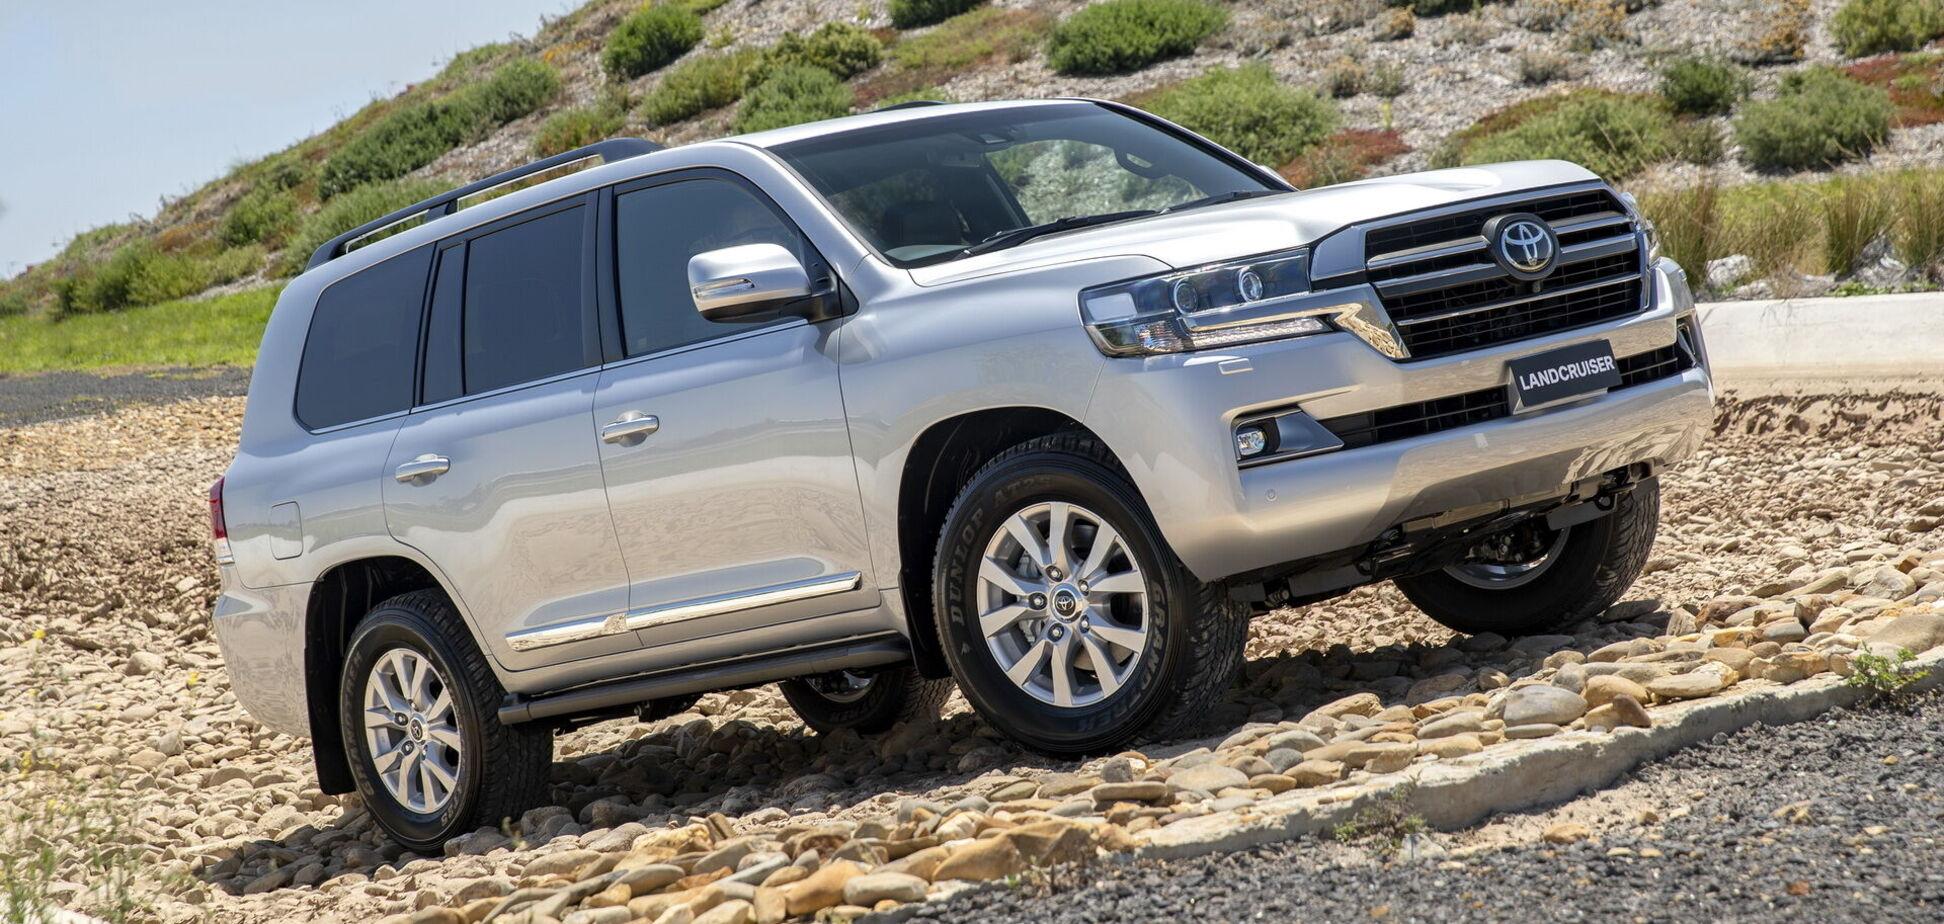 Toyota представила новую версию своего флагмана Land Cruiser